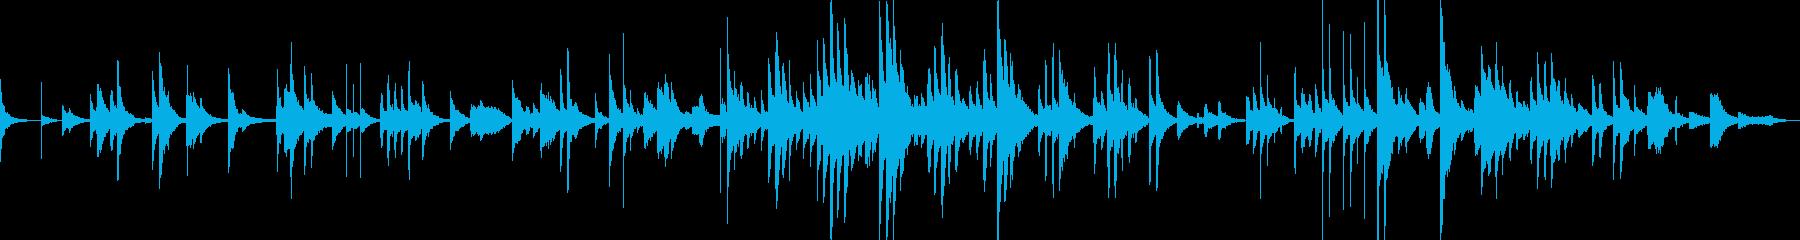 3分ソング 無調 ピアノ の再生済みの波形